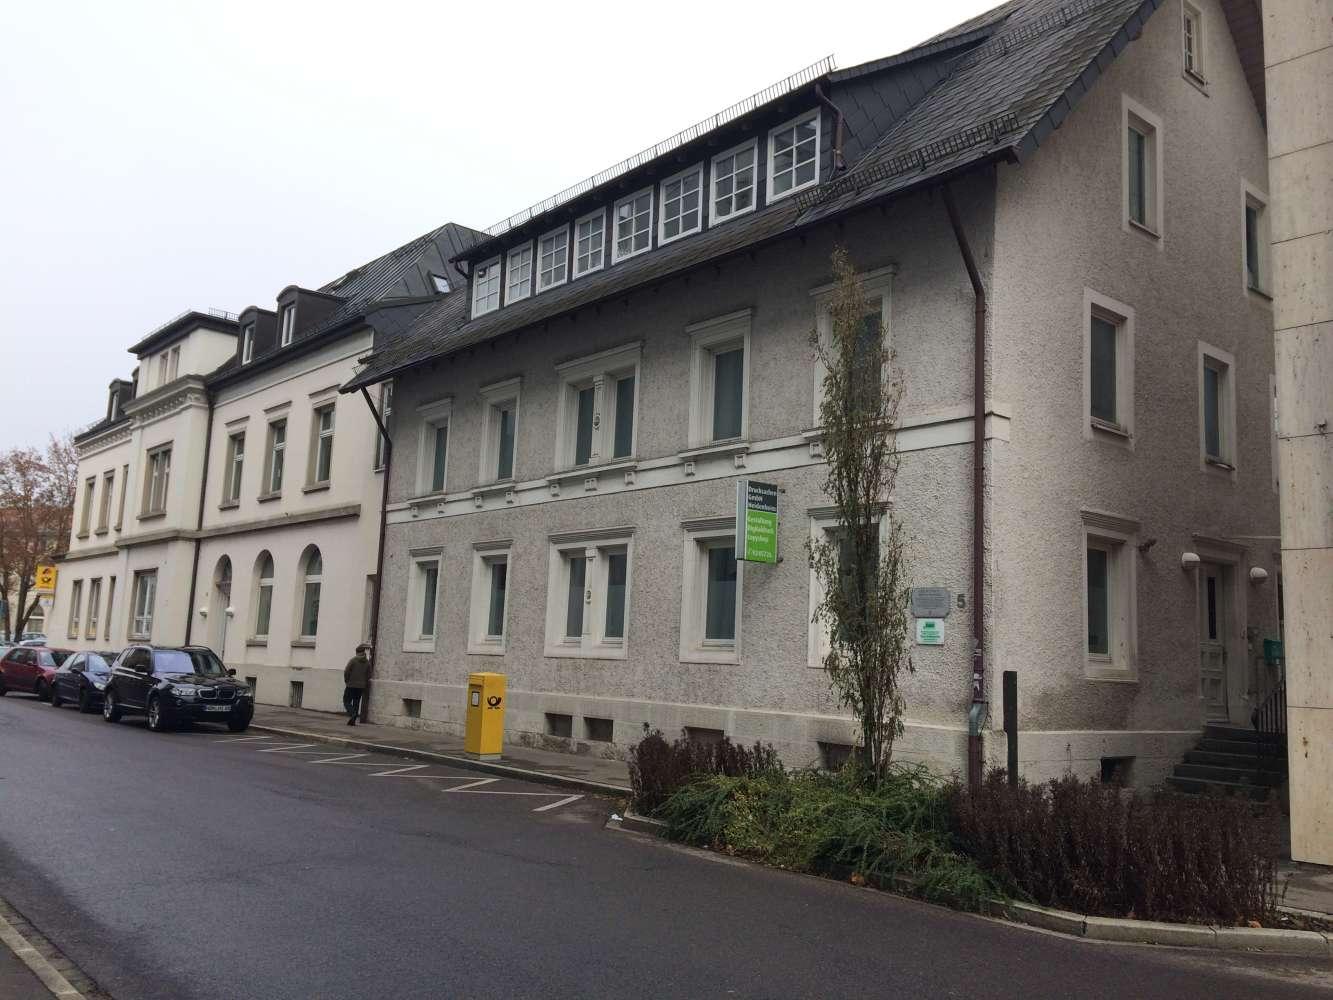 Büros Heidenheim an der brenz, 89518 - Büro - Heidenheim an der Brenz - S0504 - 10341148